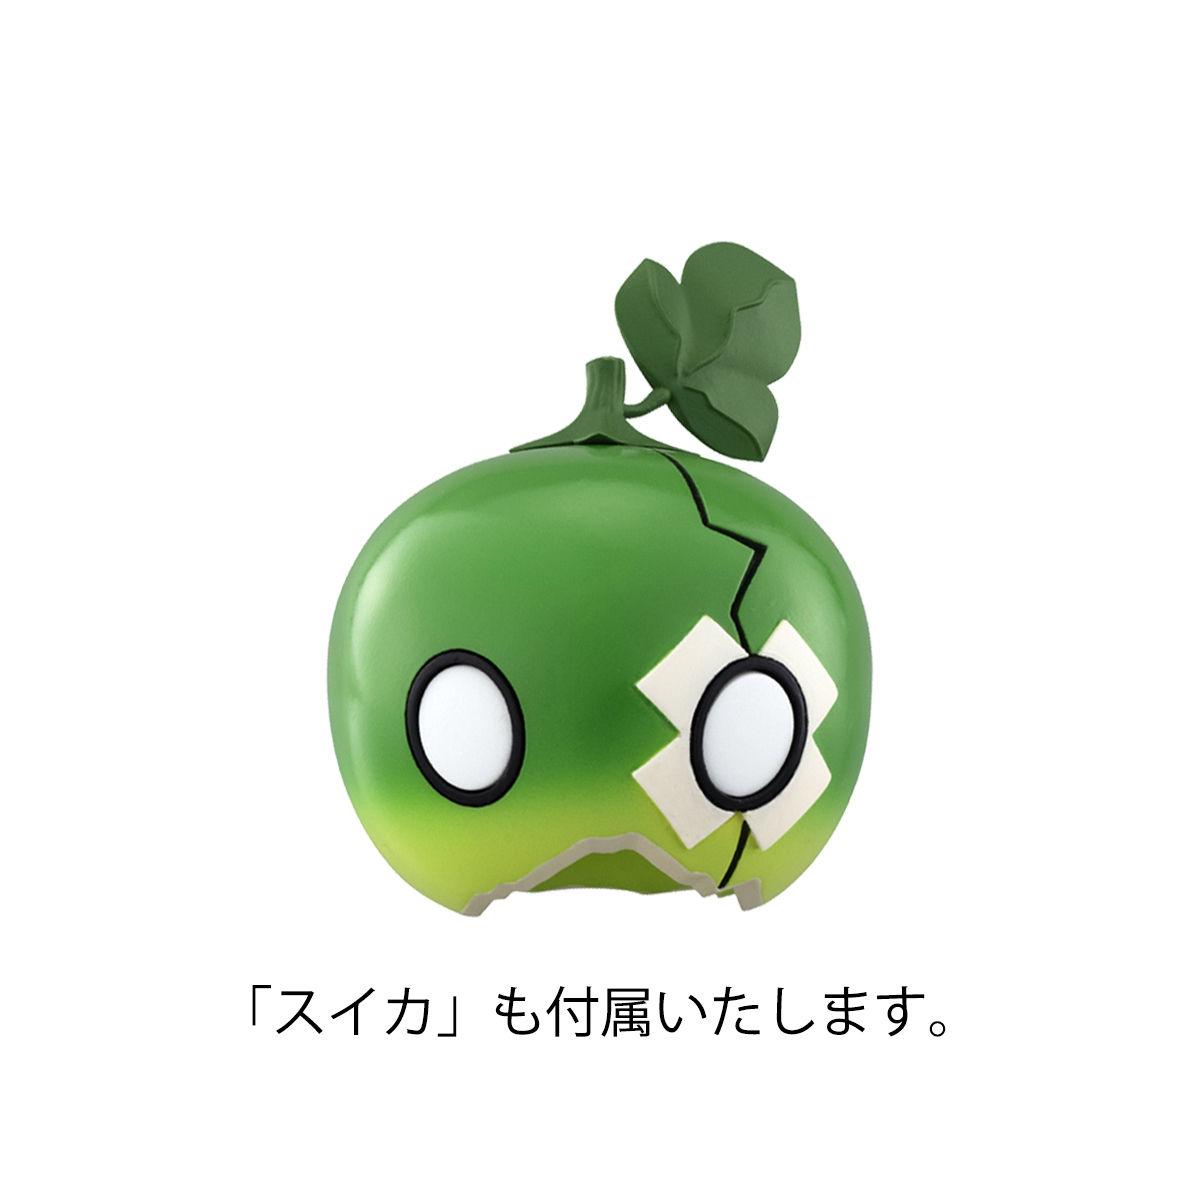 【限定販売】ギャルズシリーズ『コハク』Dr.STONE 完成品フィギュア-010